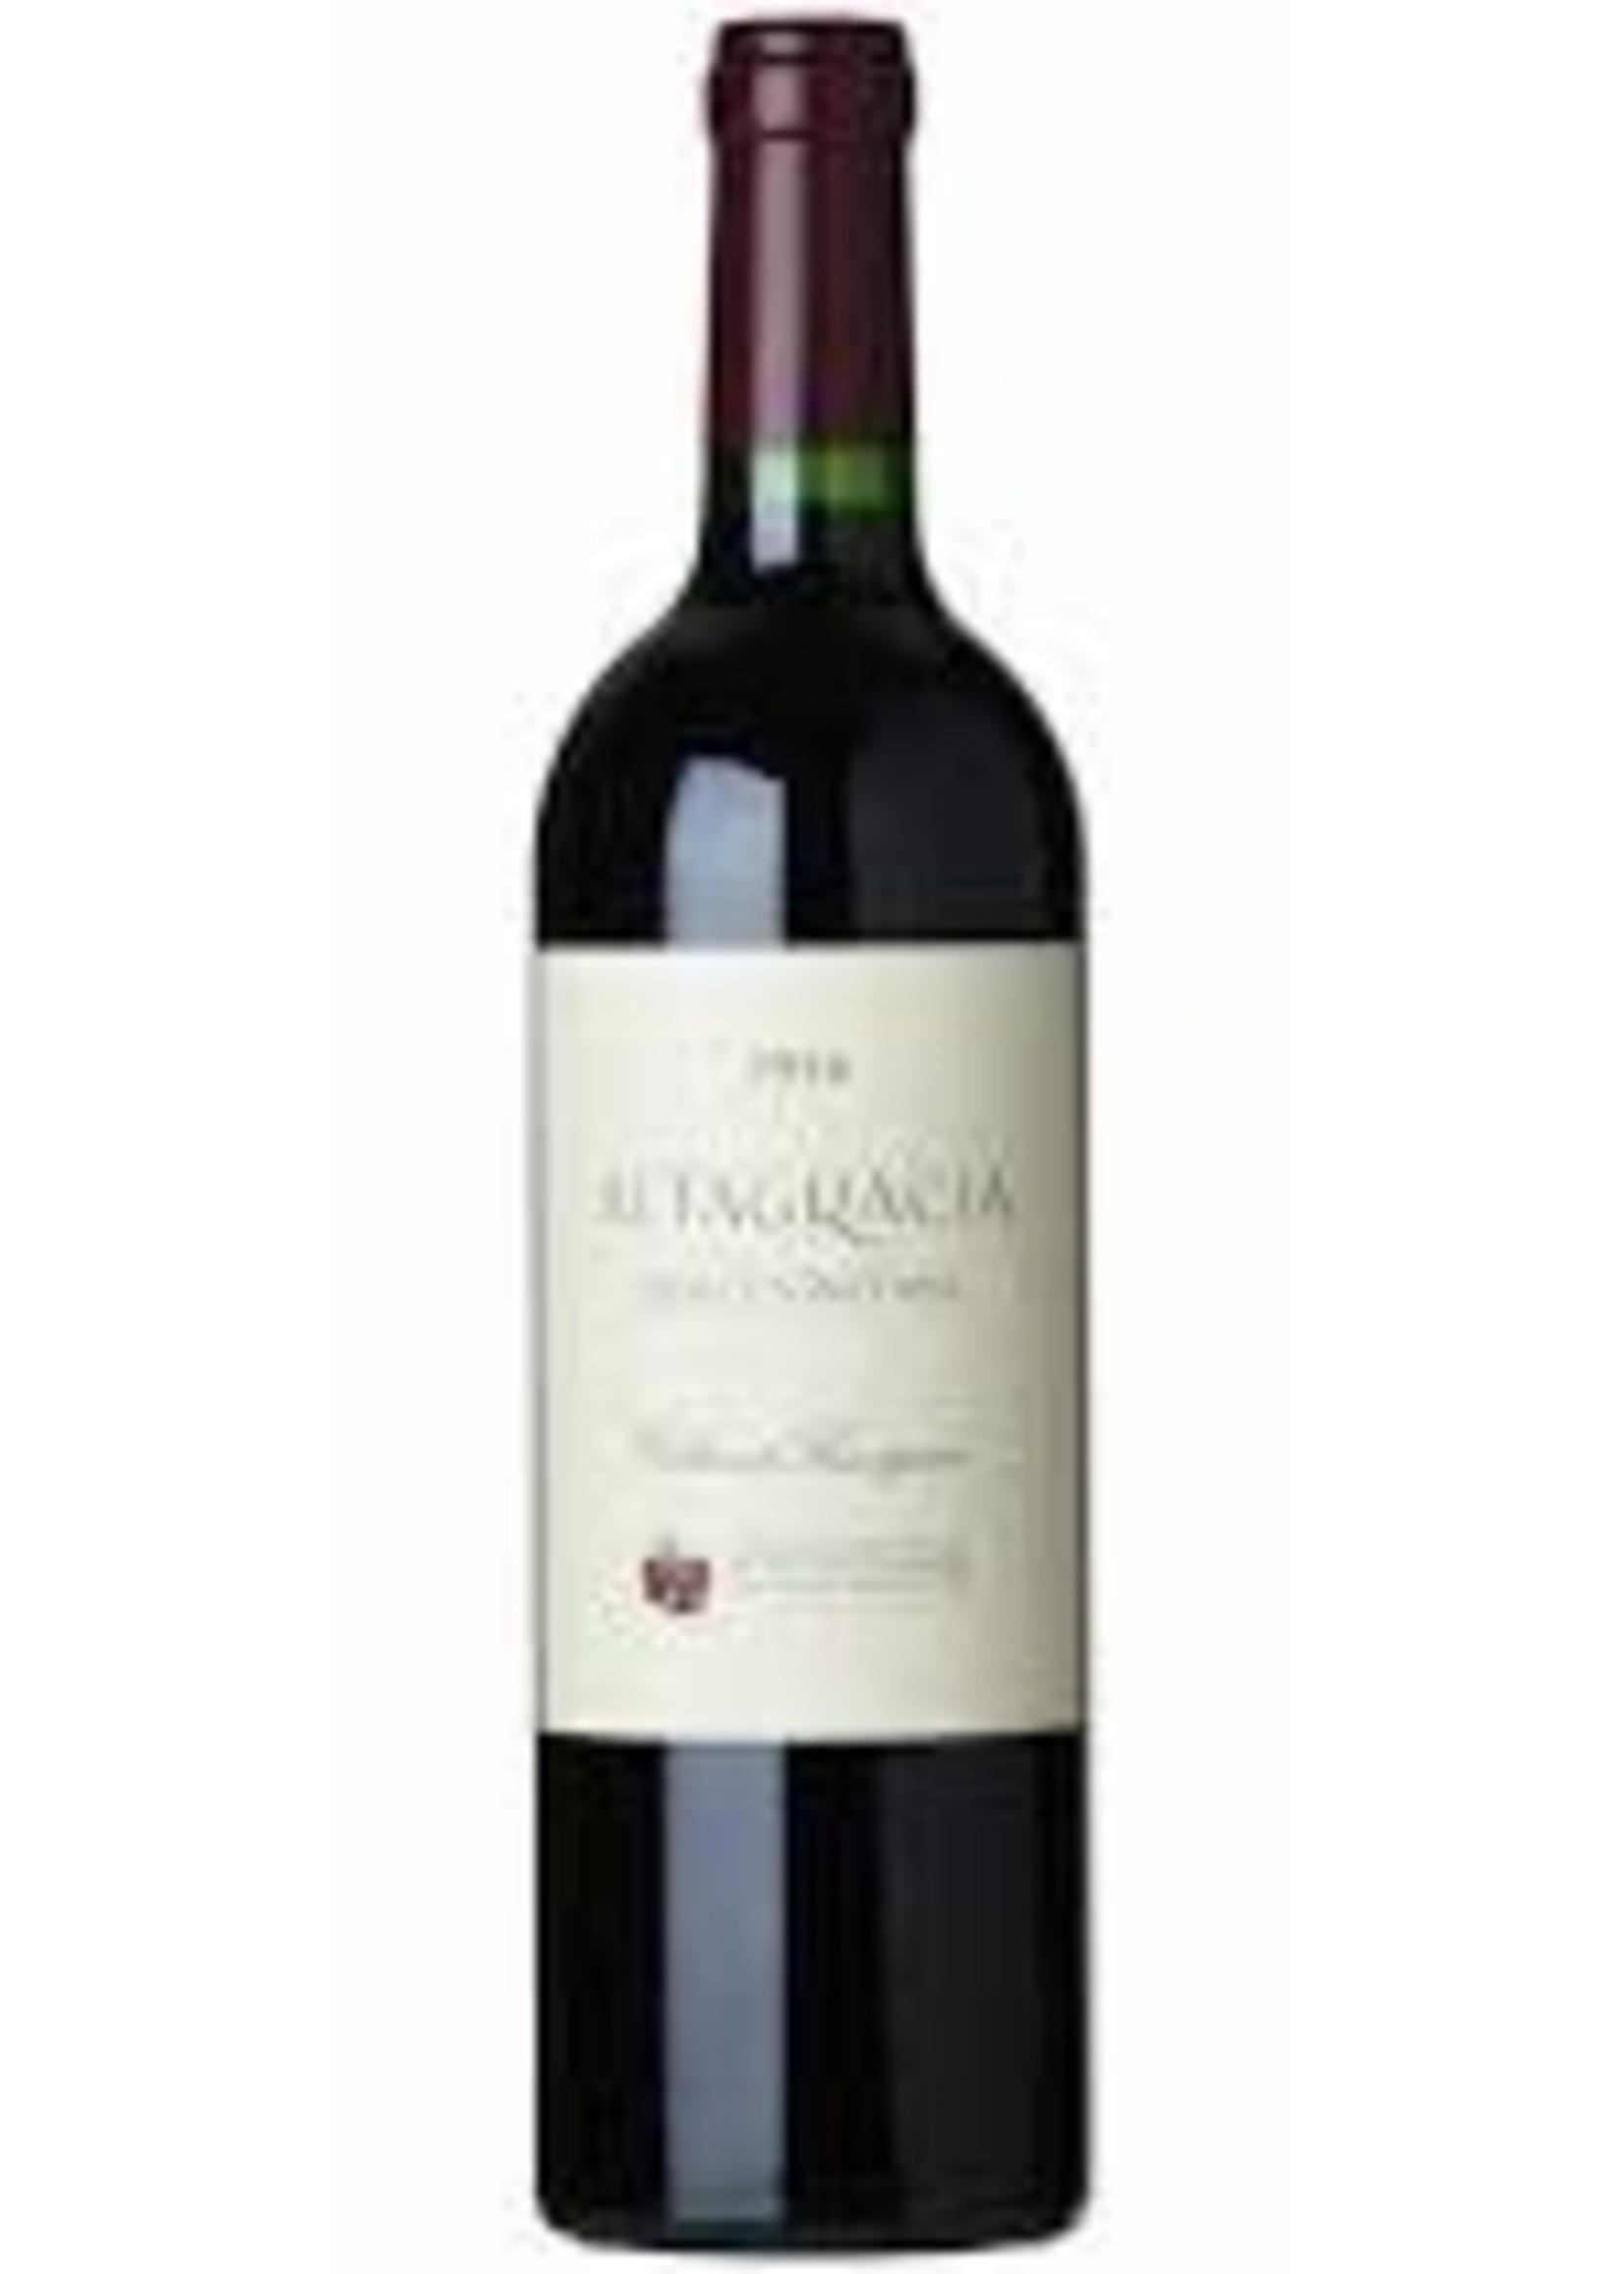 Eisele Vineyard 2016 Altagracia Cabernet Sauvignon 750ml